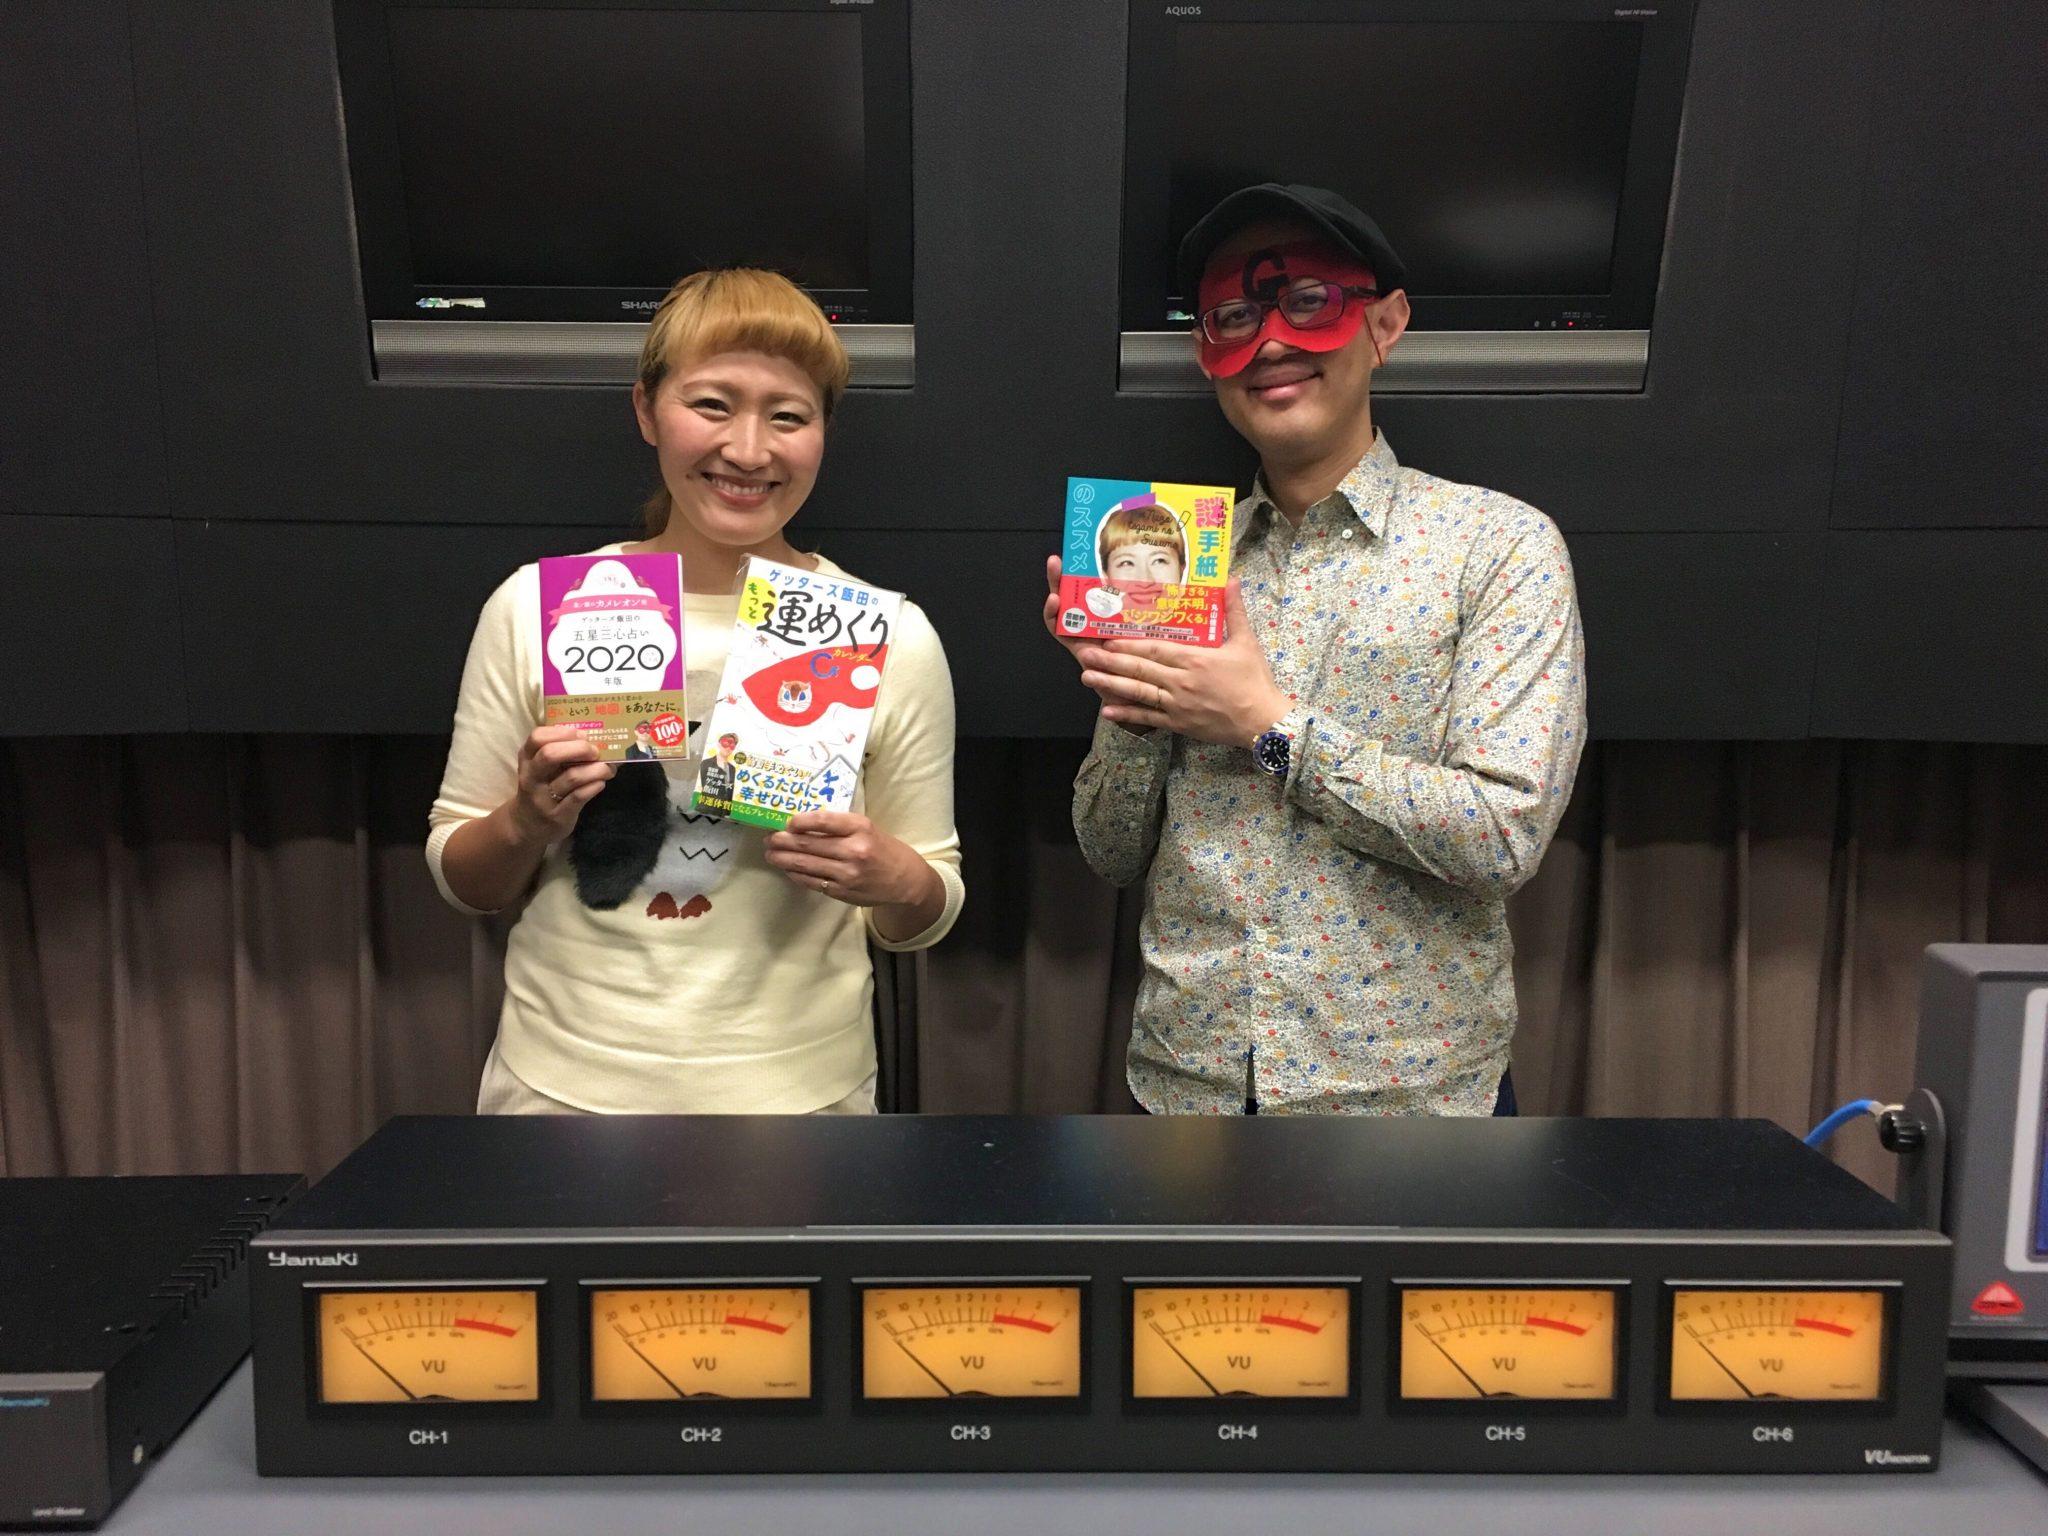 ゲッターズ飯田さん丸山桂里奈さんの結婚と婚期を占い見事的中!